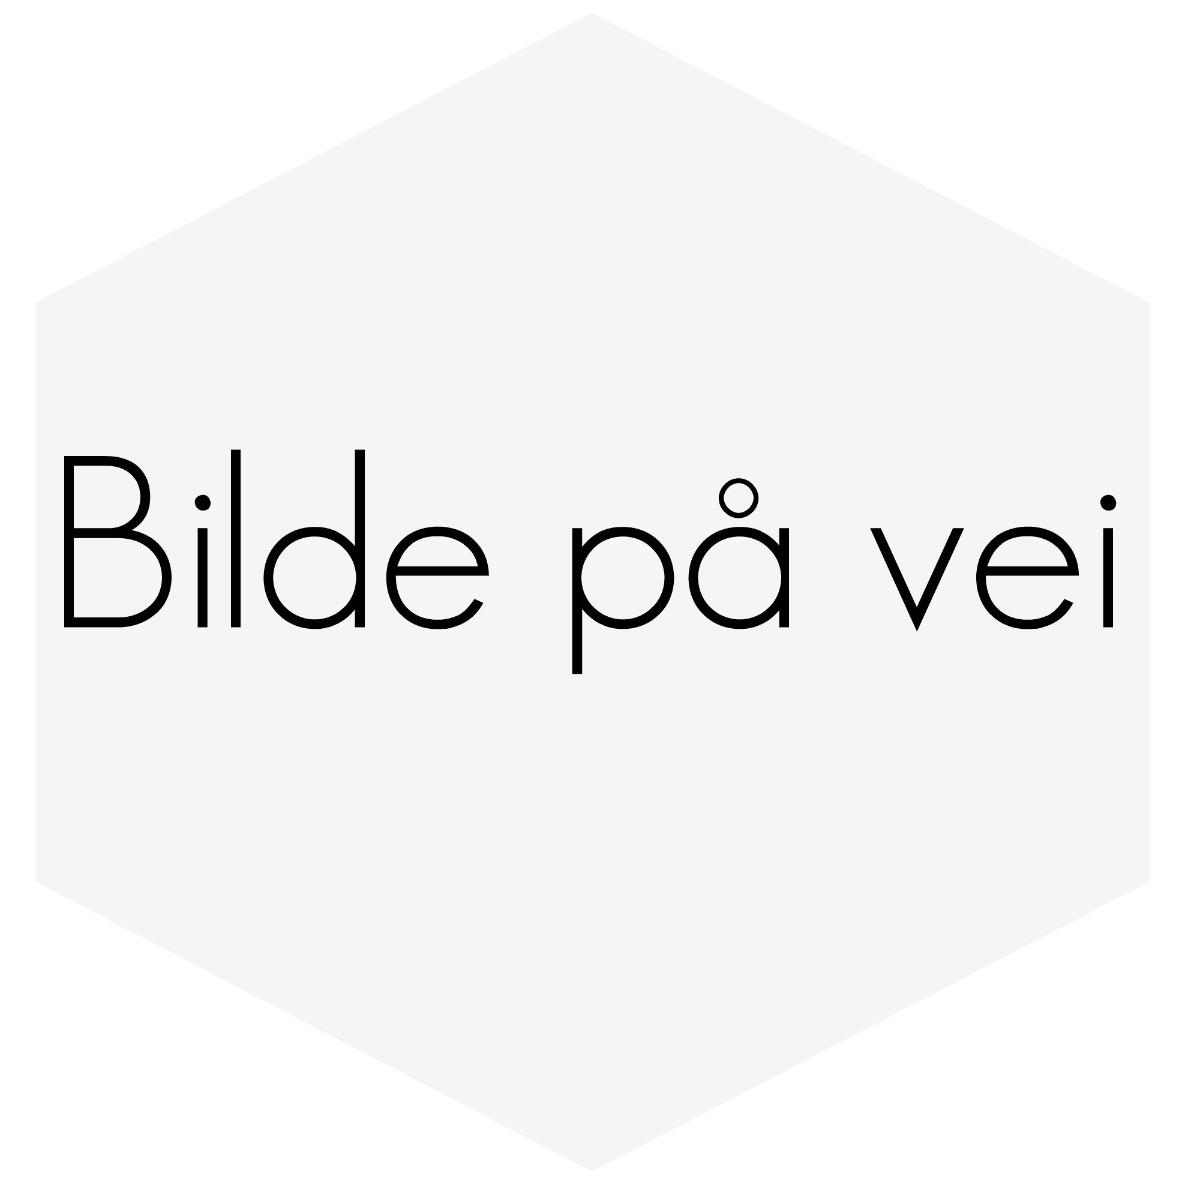 LYKTERING /SARG PÅ BLINKLAMPE FORAN AMAZON 62-70 VENSTRE